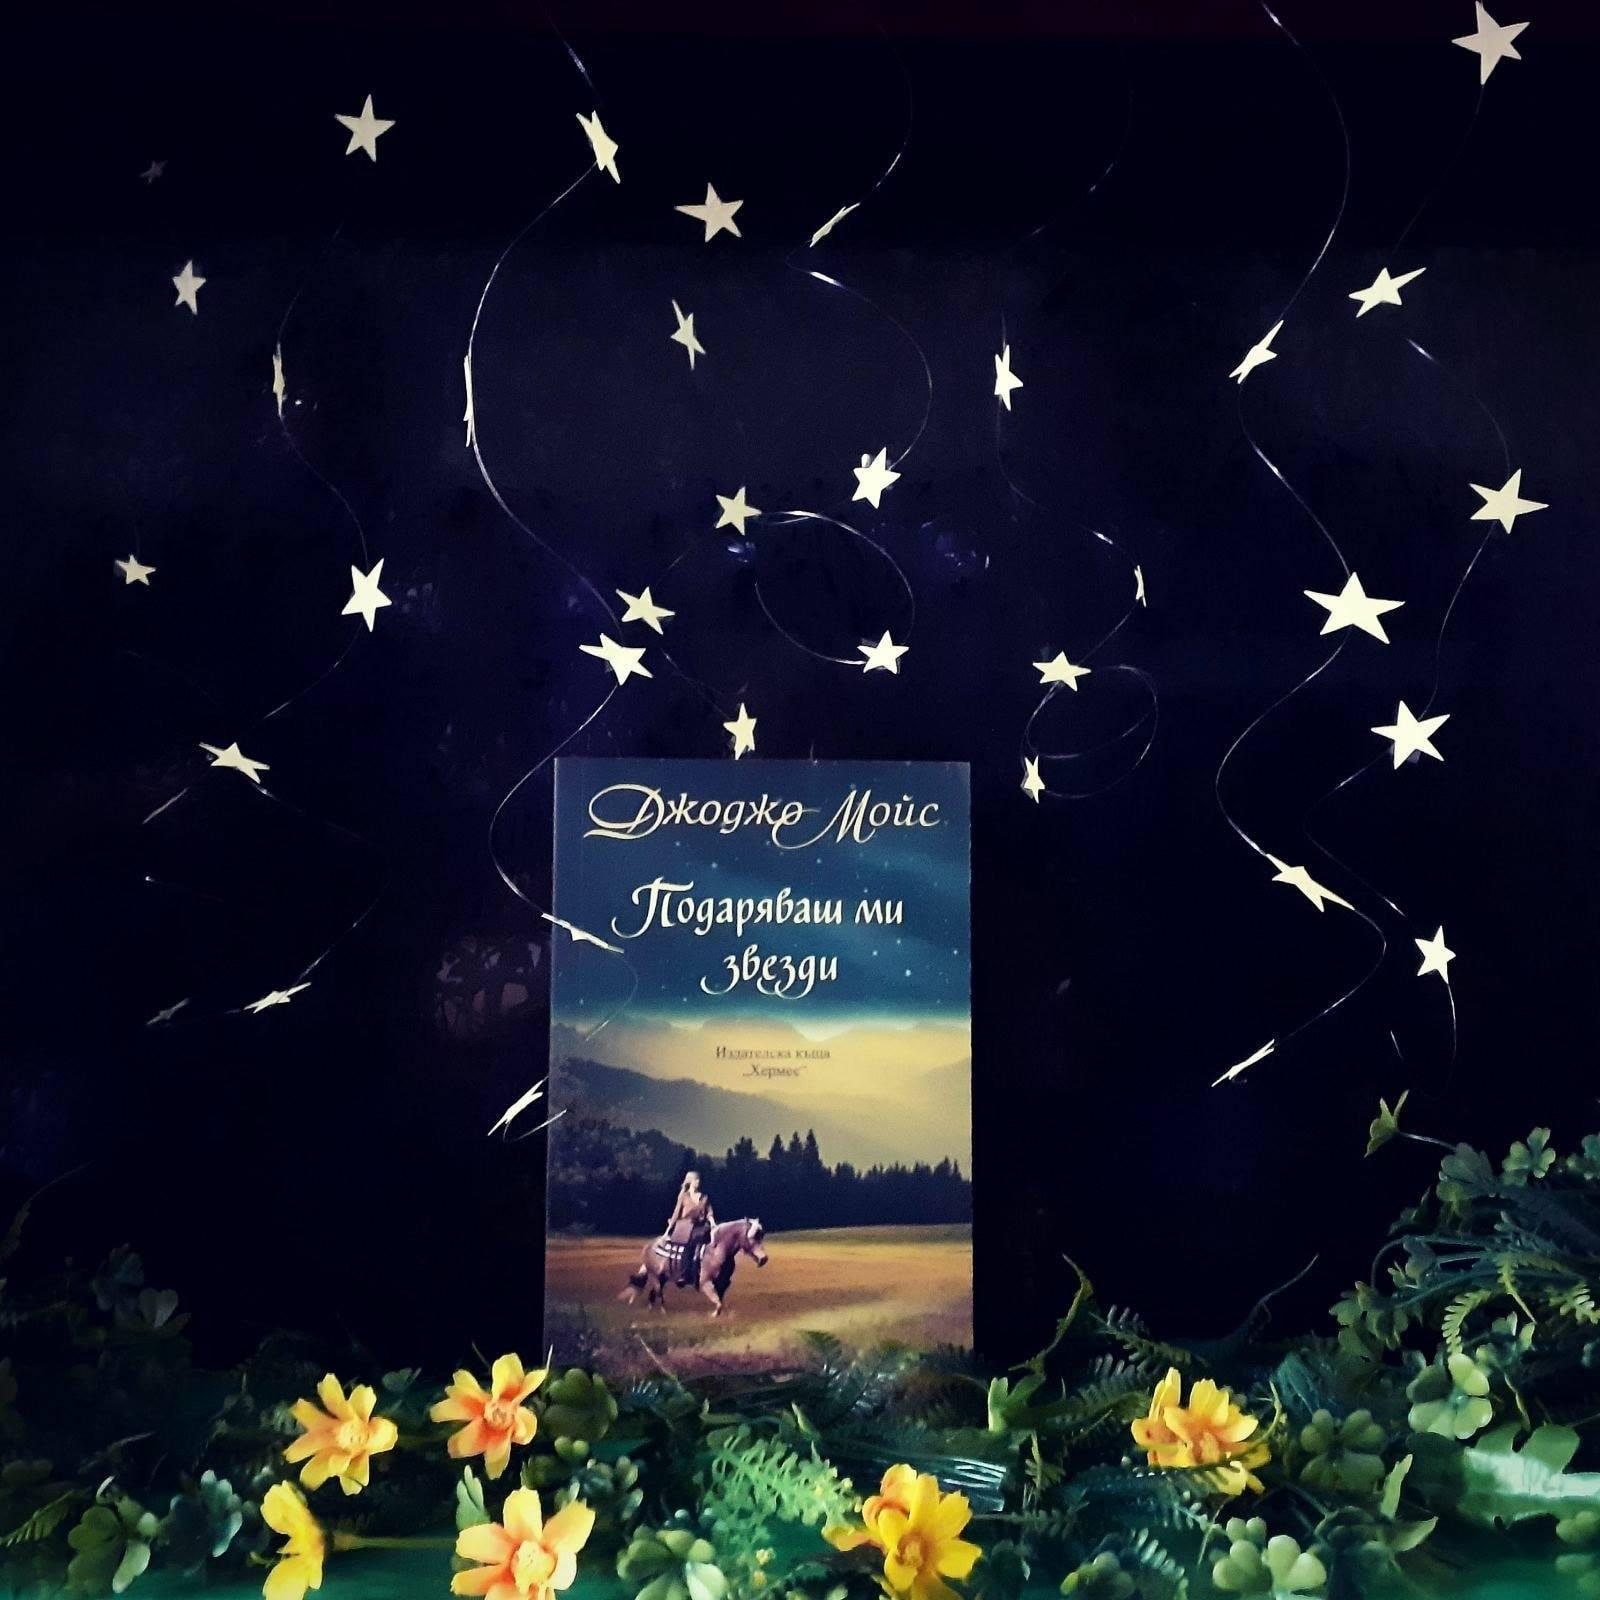 """""""Подаряваш ми звезди"""" - една книга за свободата да бъдеш себе си"""